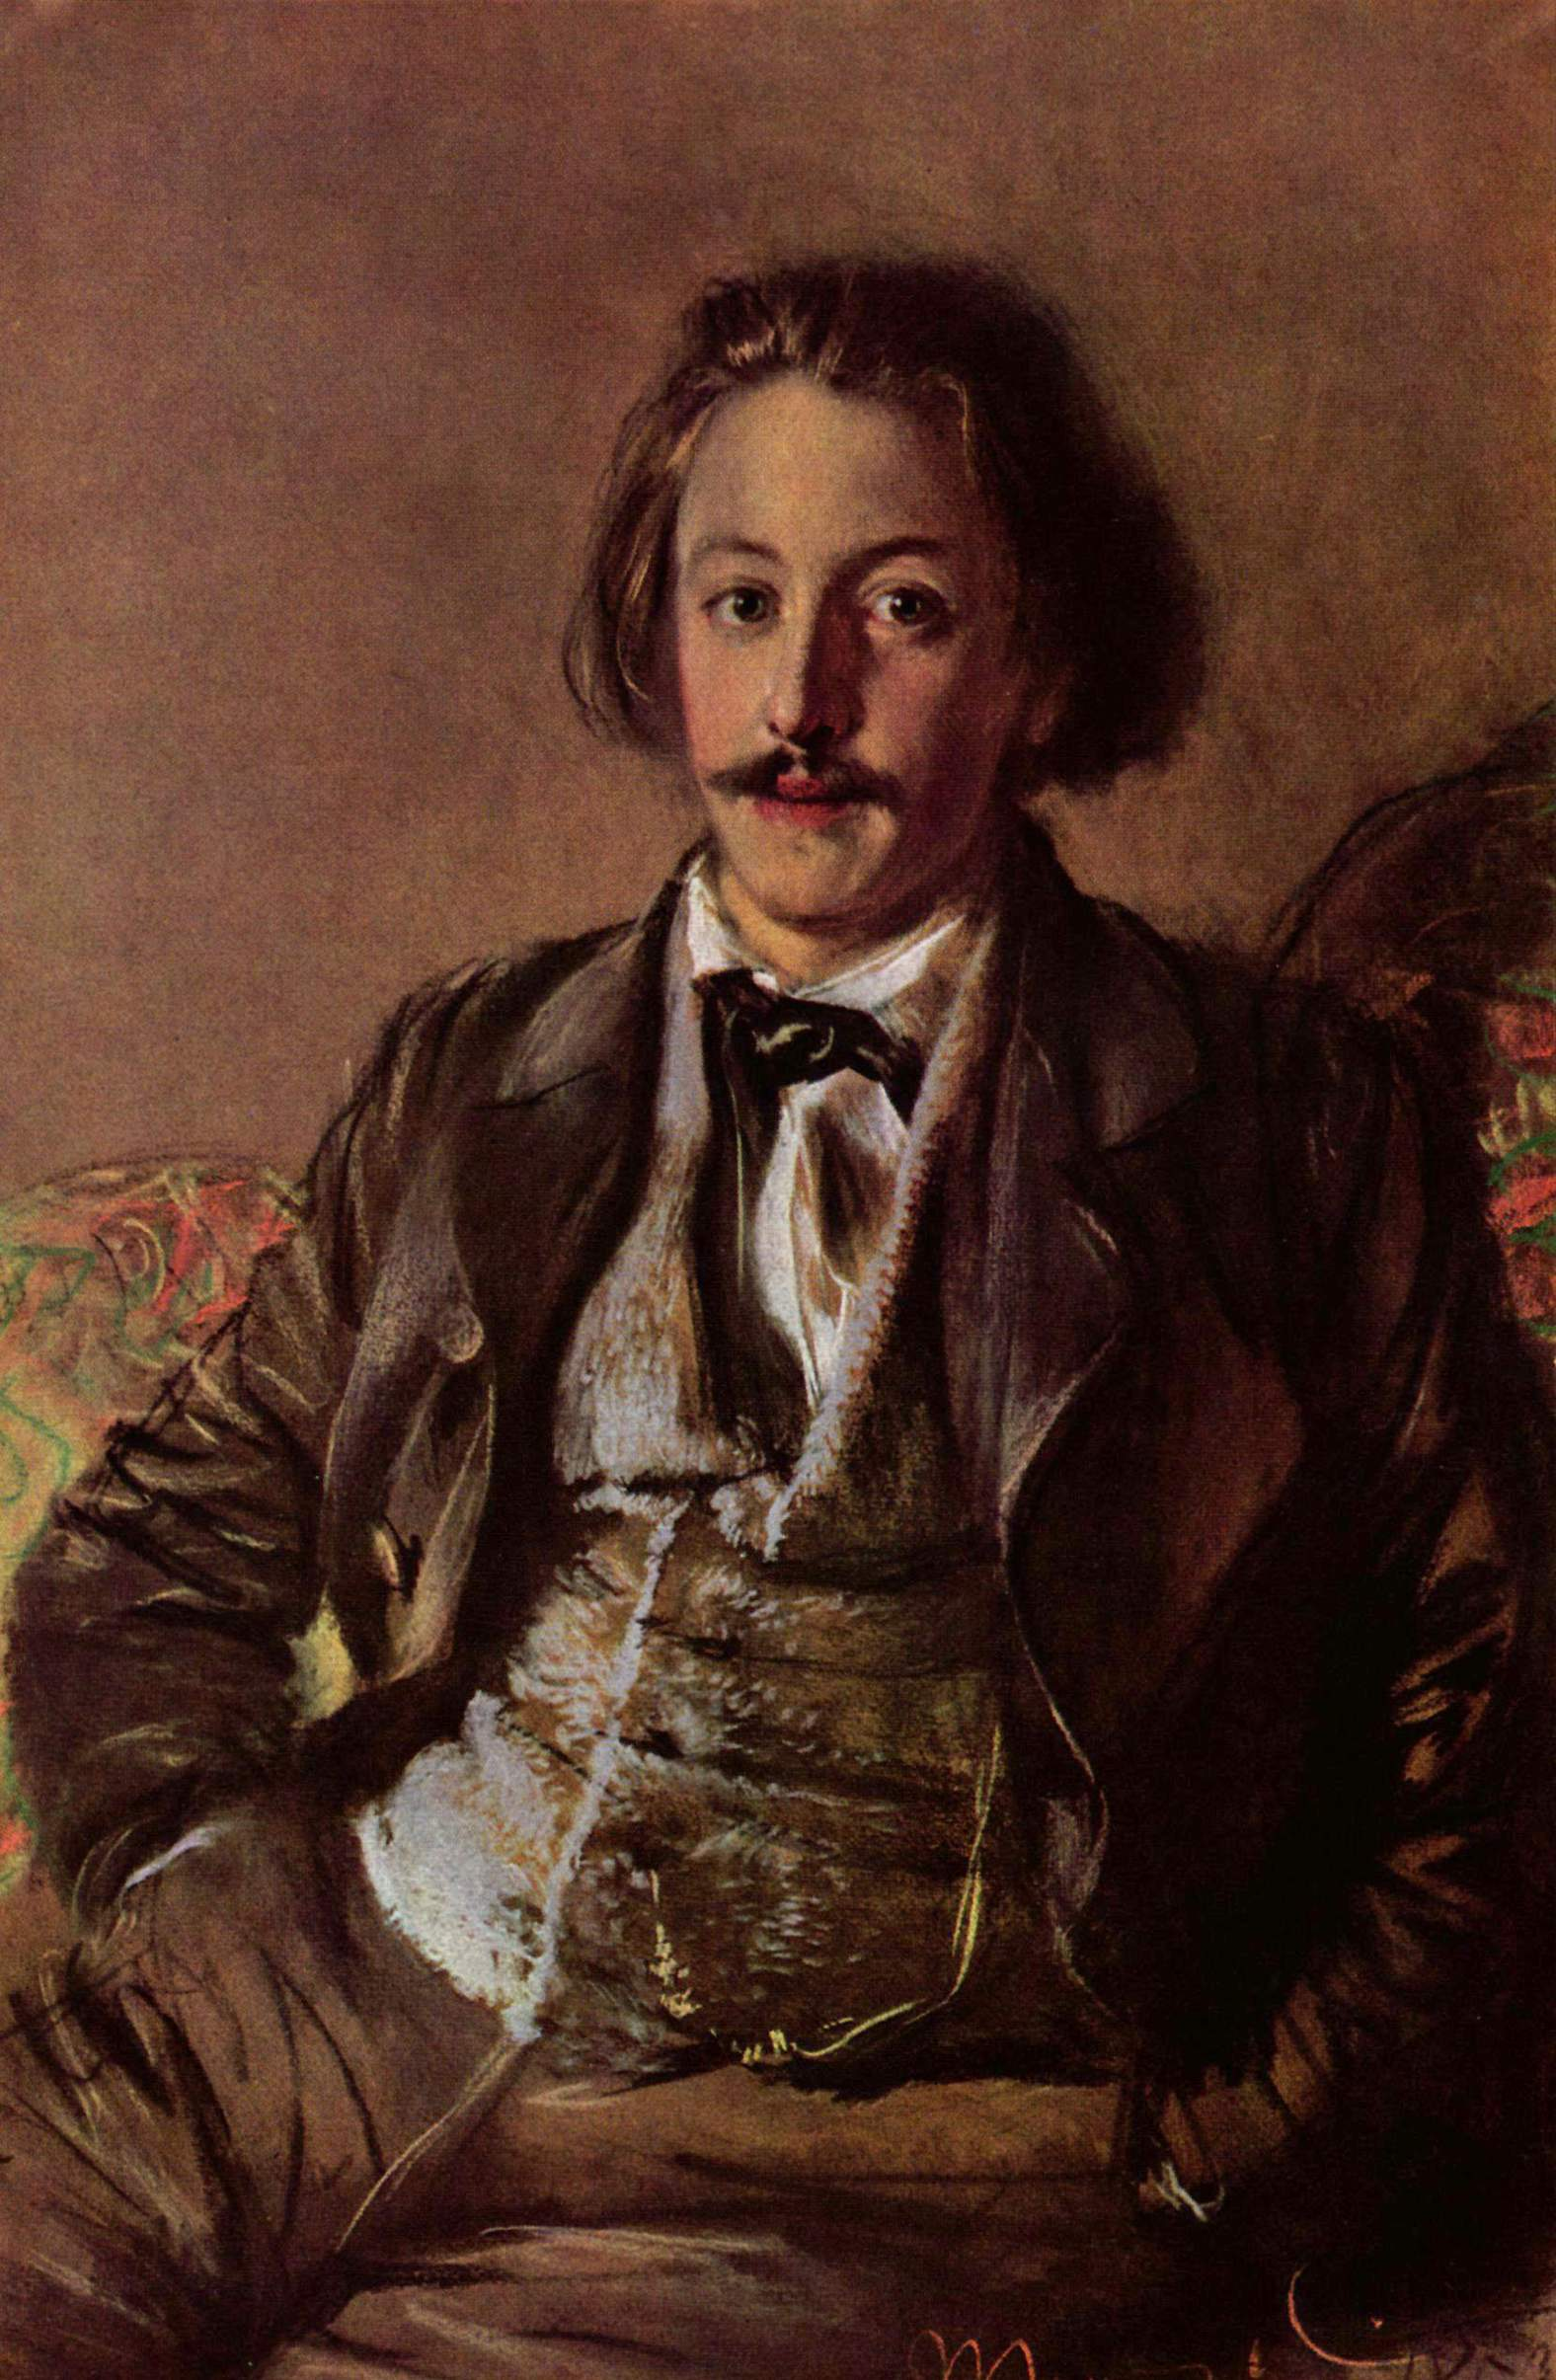 Portrait of Paul Heyse, by [[Adolph von Menzel]]